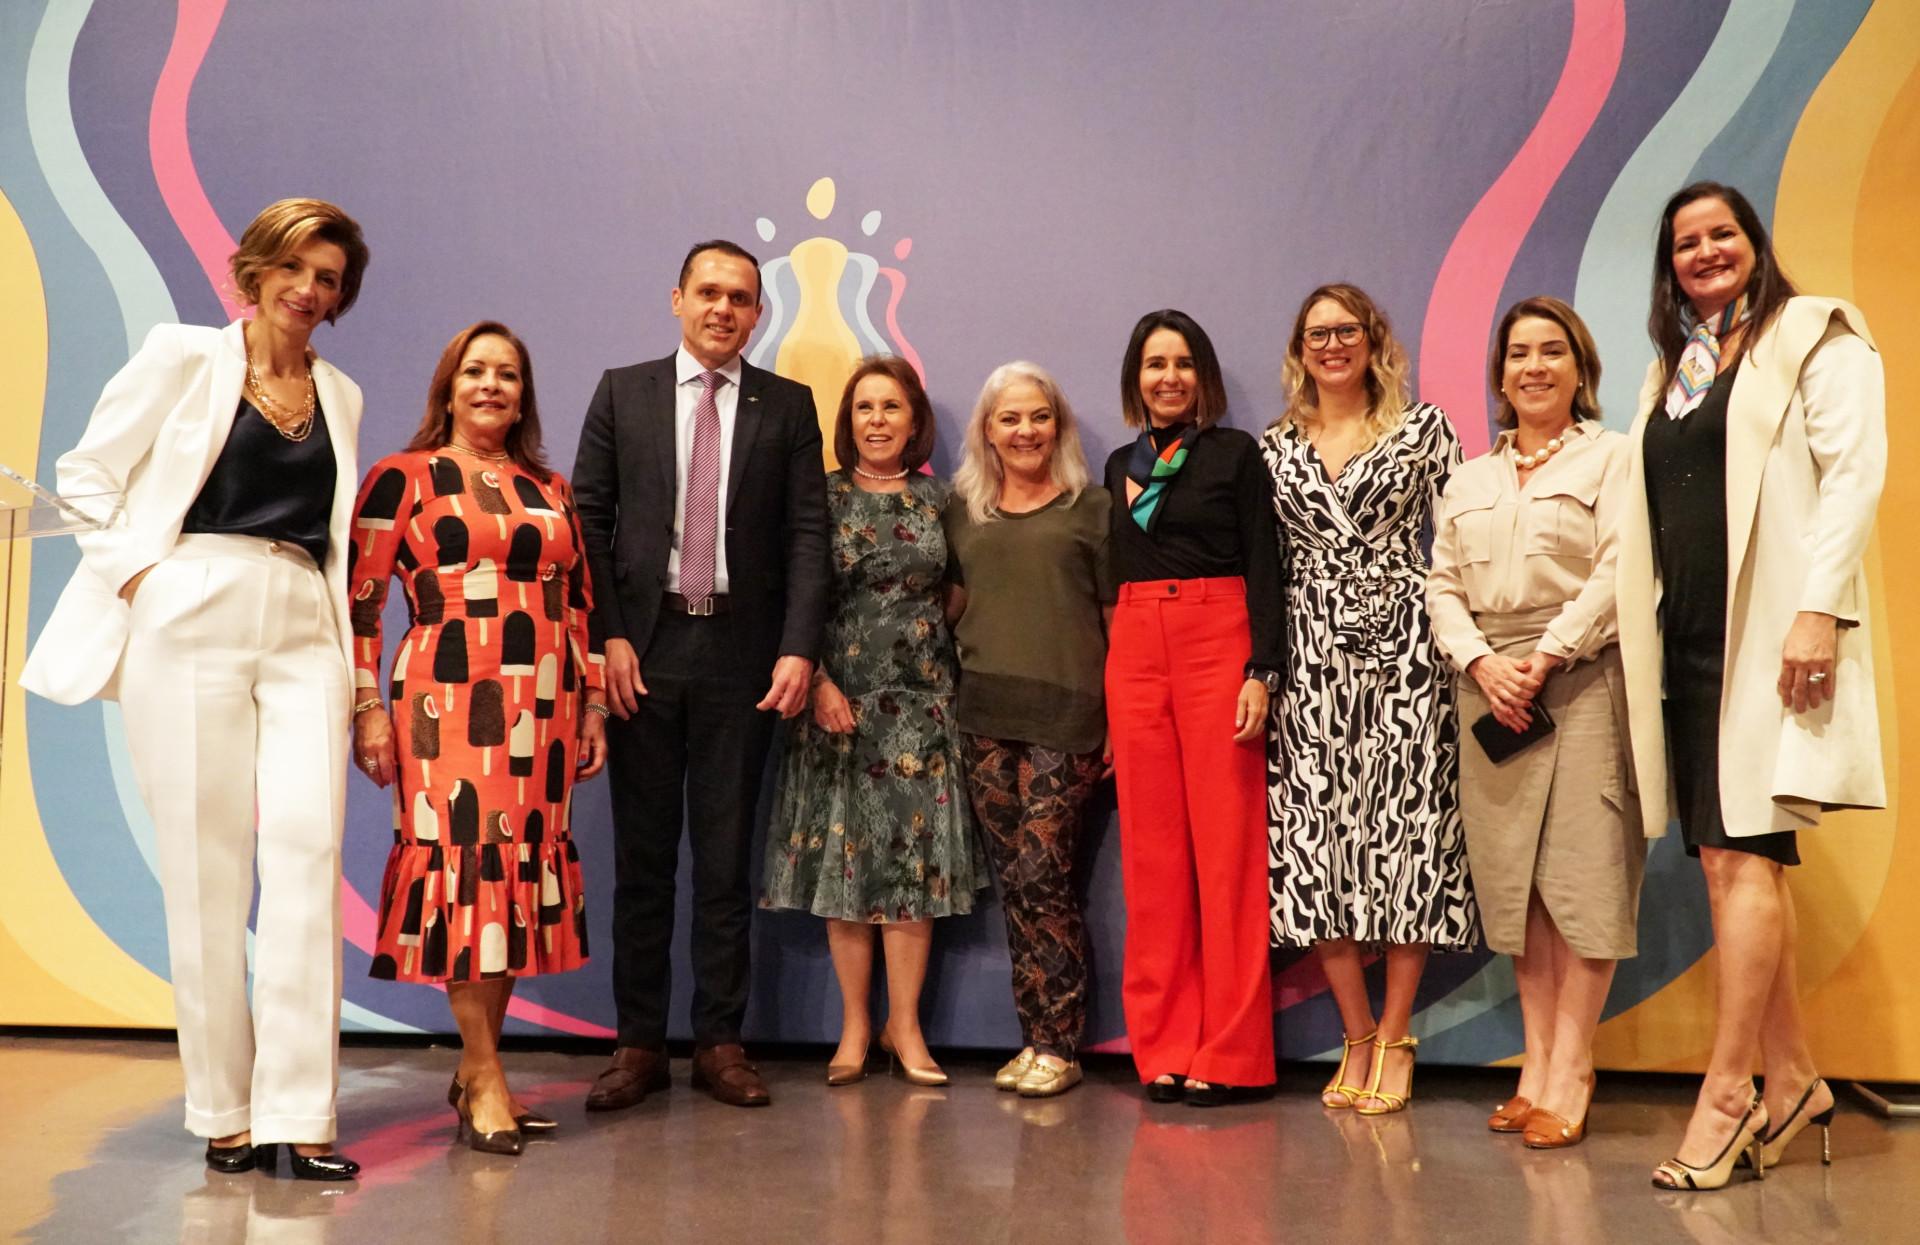 InspirAÇÃO Feminina – O papel da mulher empreendedora na construção do Brasil do futuro